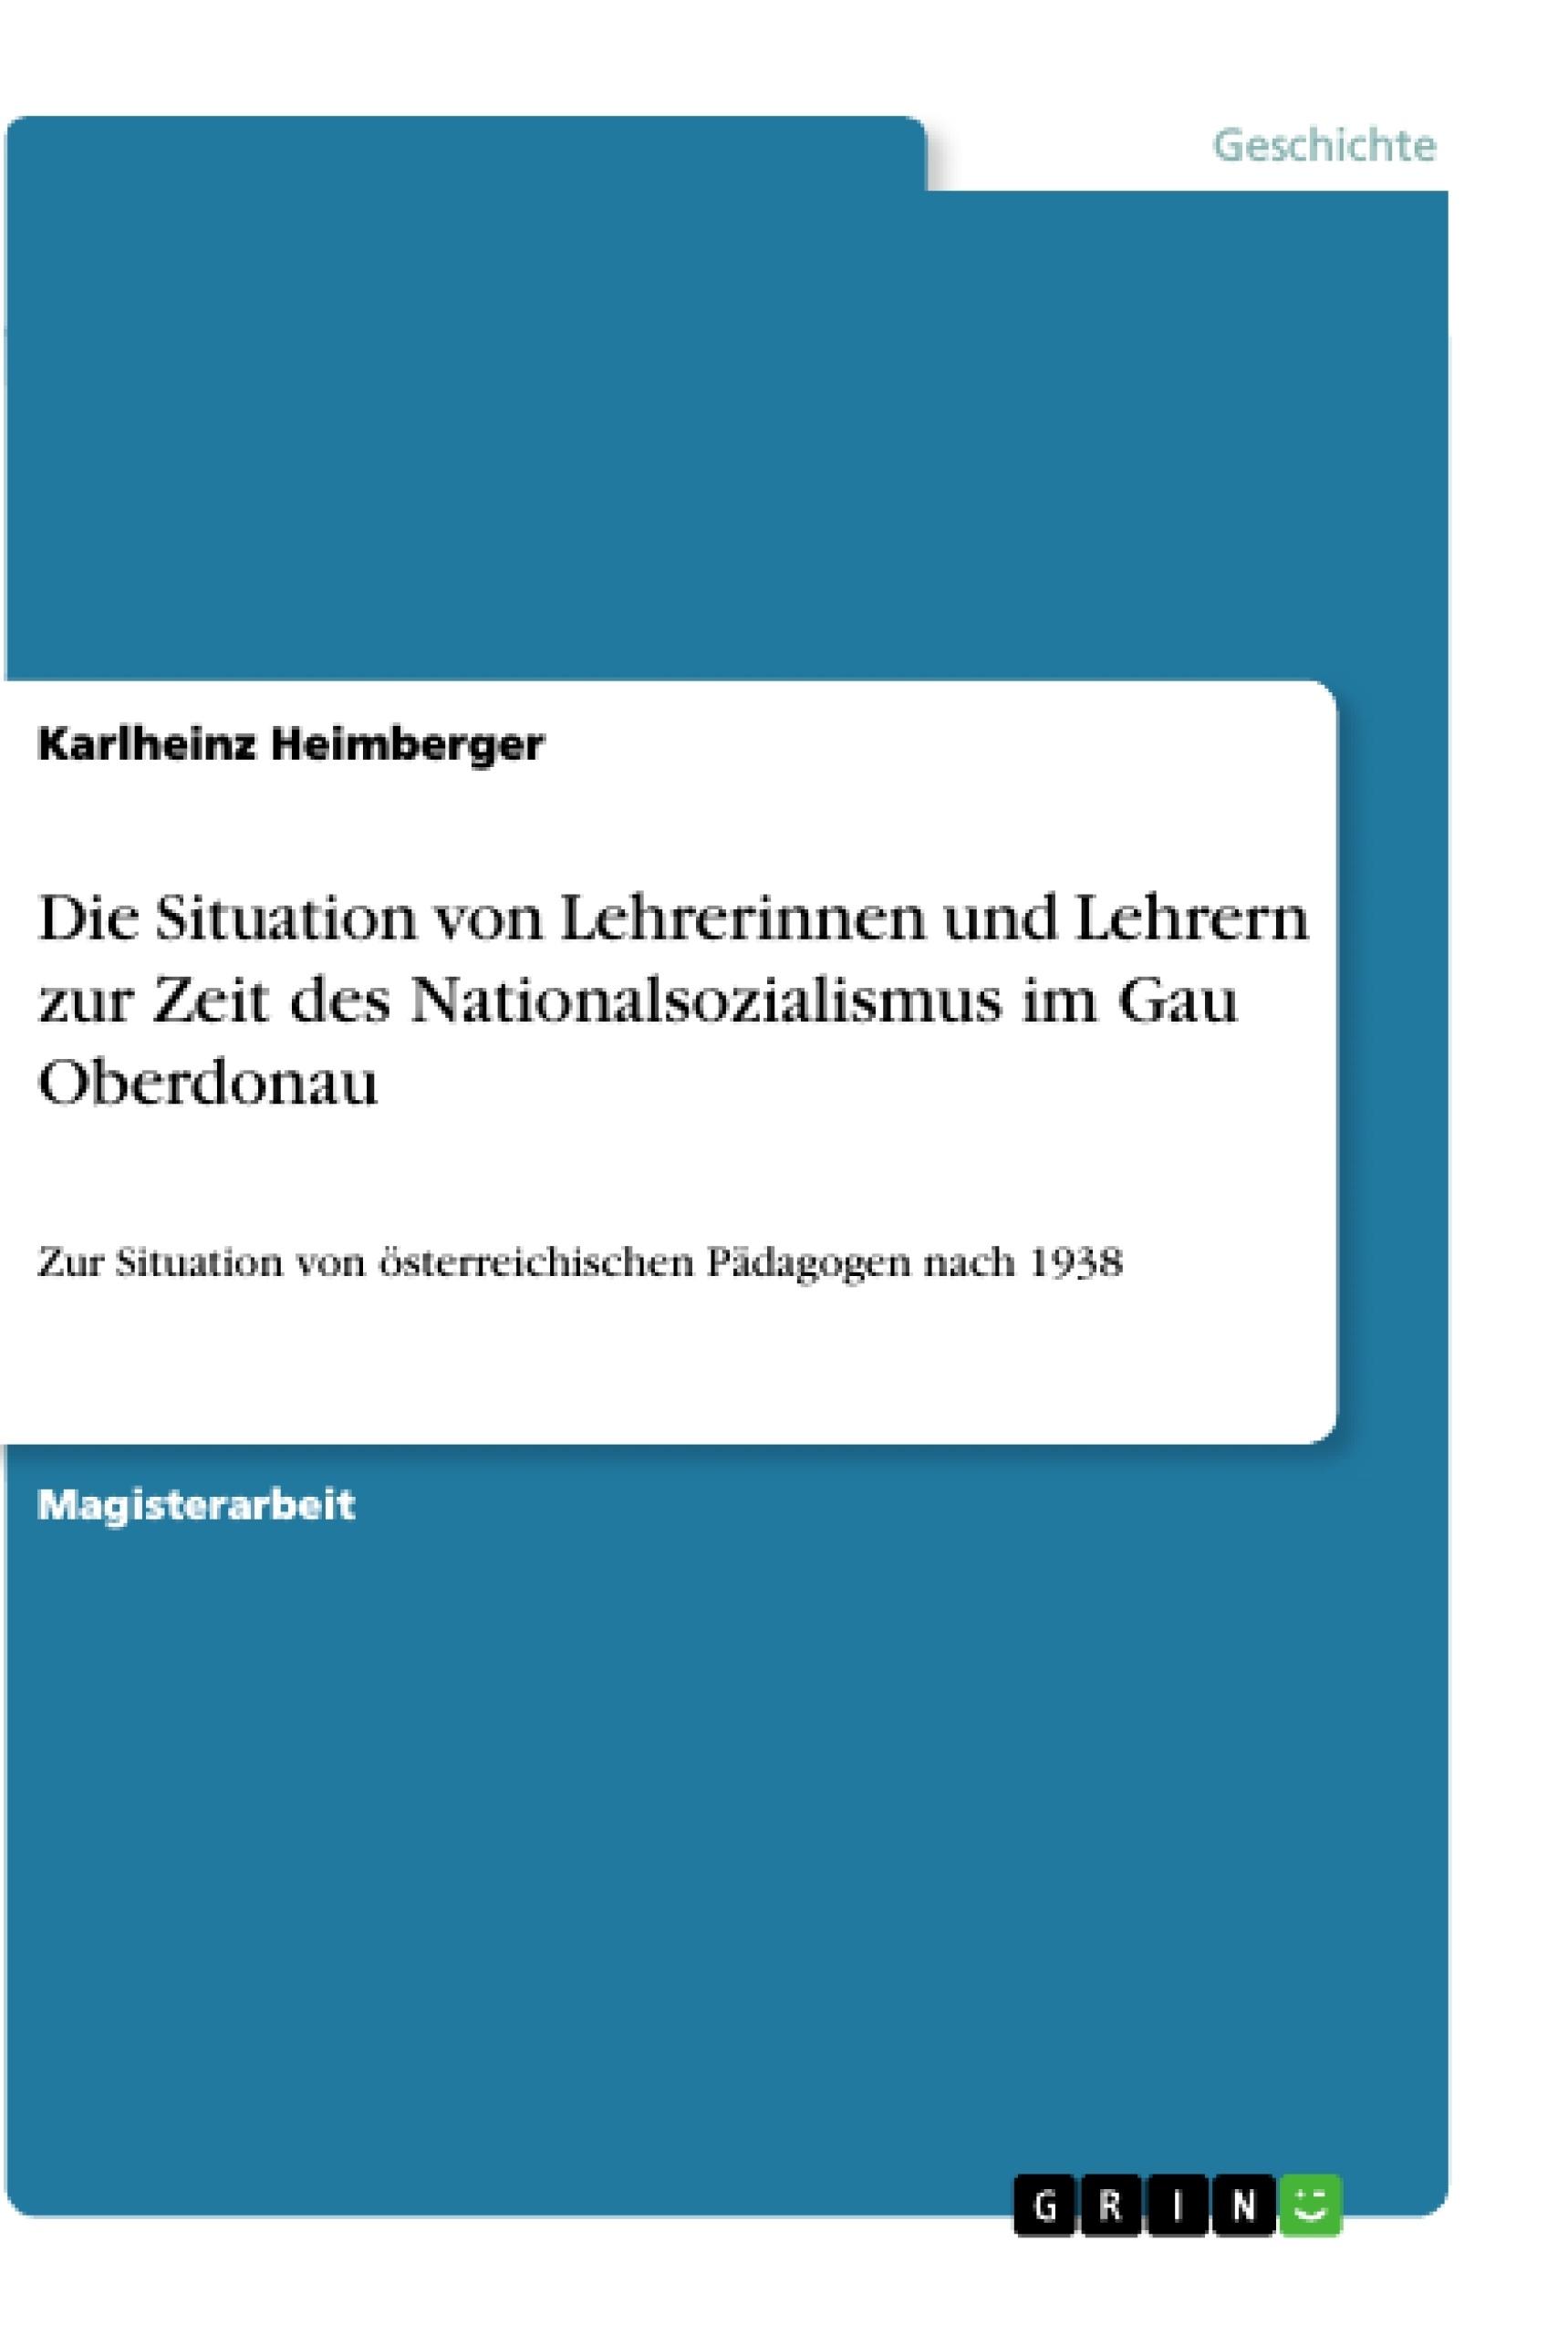 Titel: Die Situation von Lehrerinnen und Lehrern zur Zeit des Nationalsozialismus im Gau Oberdonau